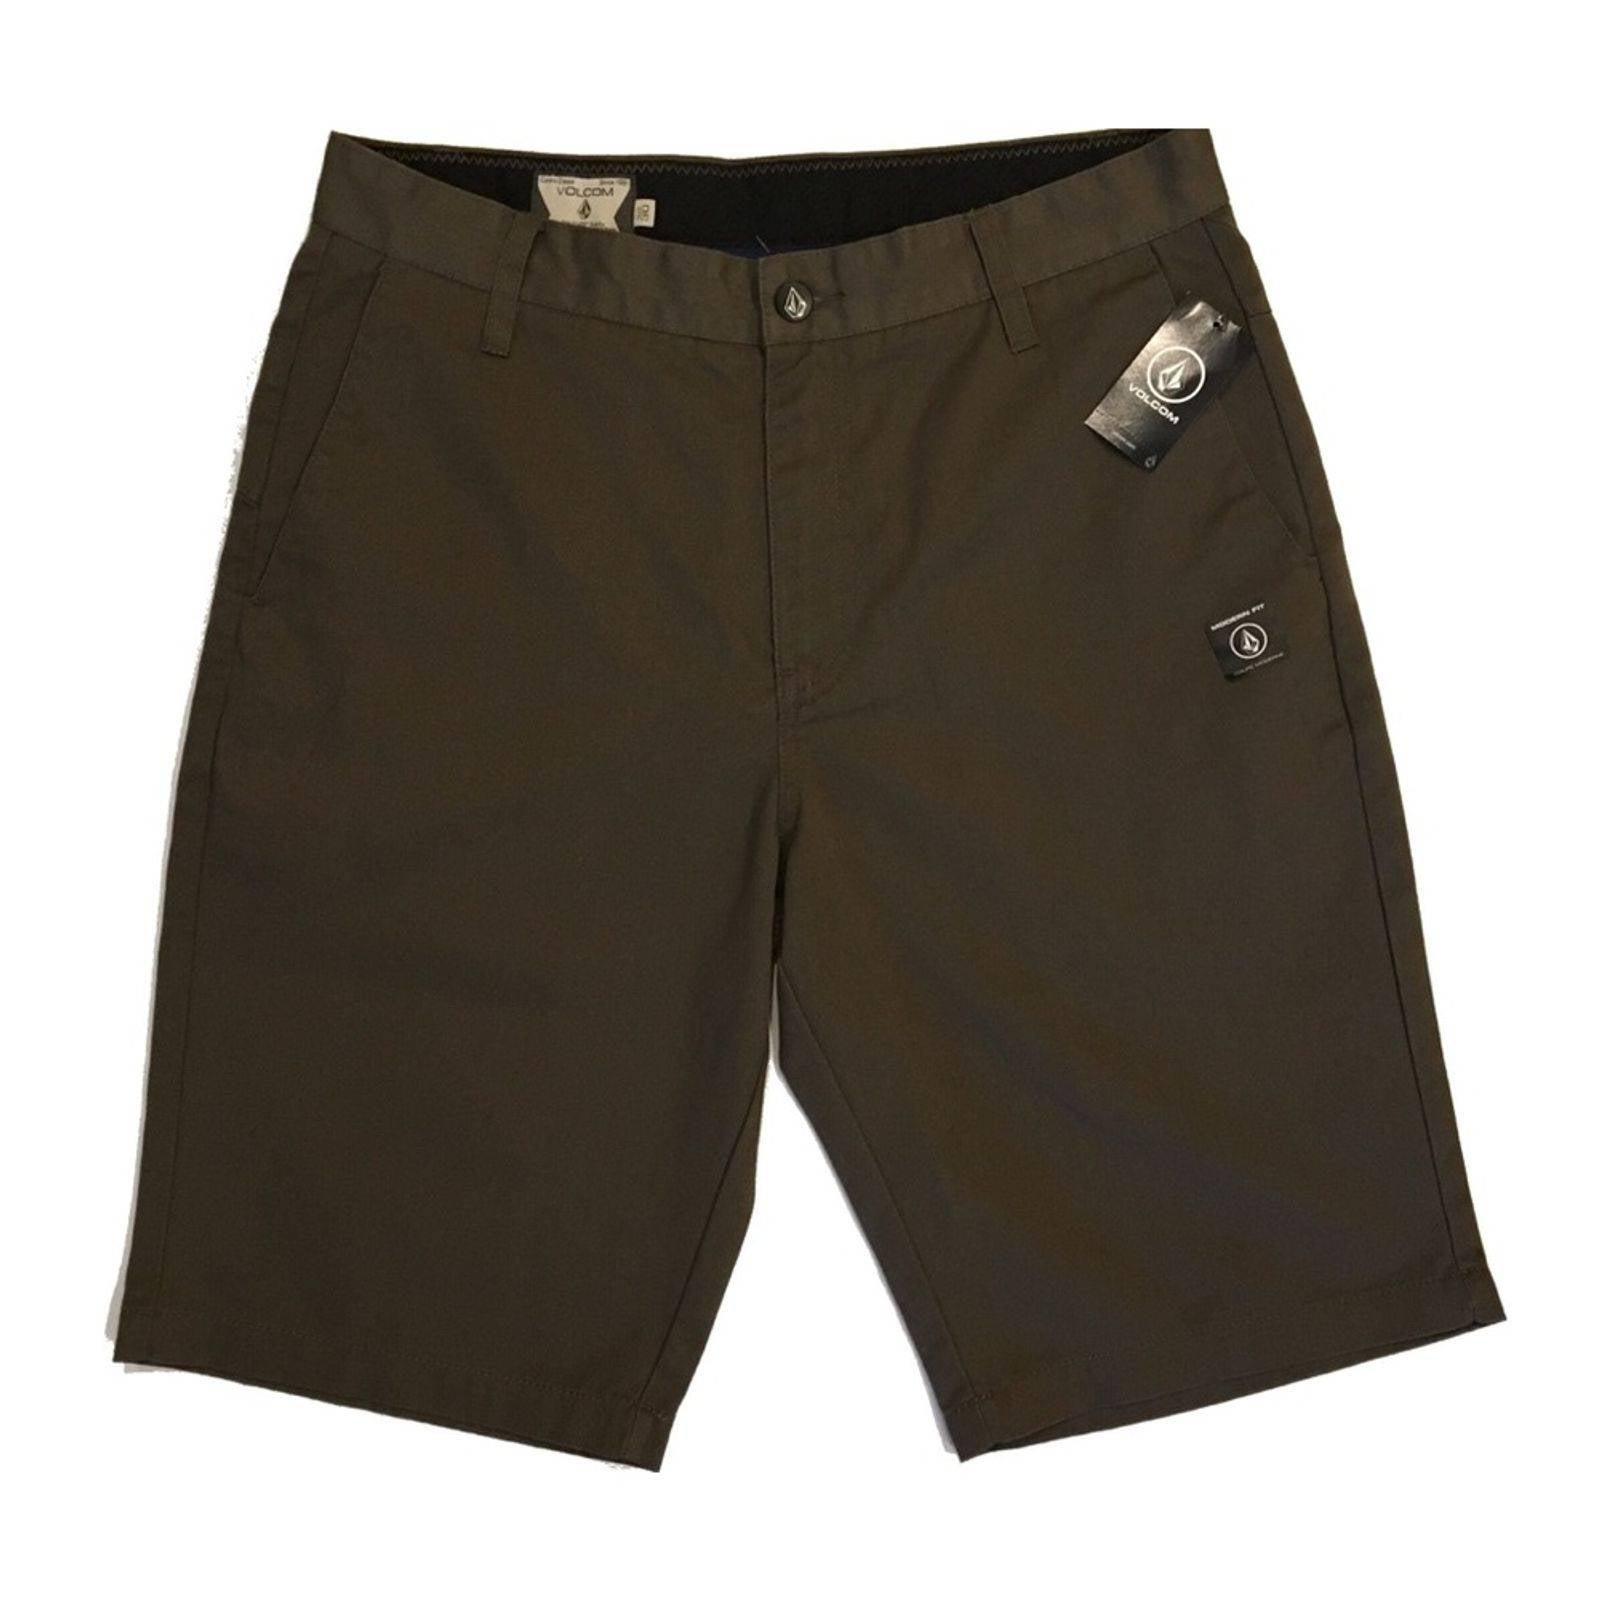 Volcom VMonty Modern Stretch Shorts NWT